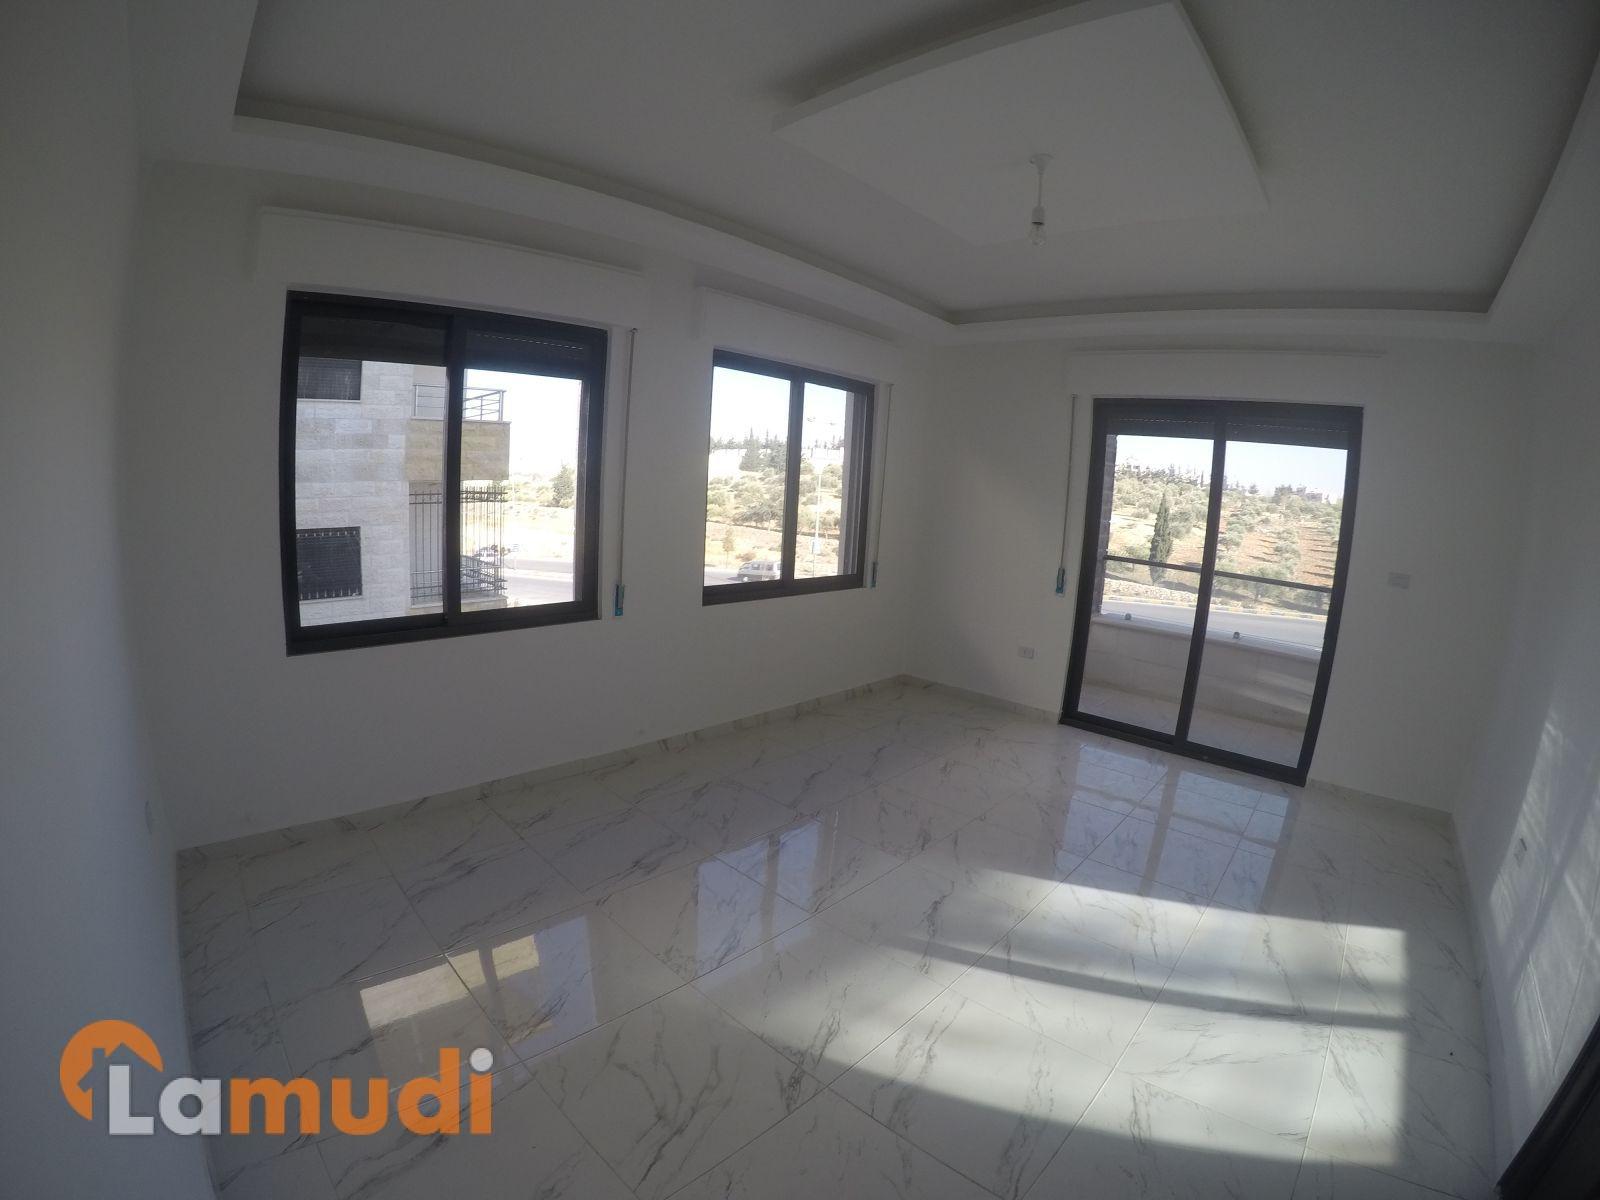 بالصور .. شقة رائعة 144م بسعر51 الف قرب كارفور ابوعلندا من المالك